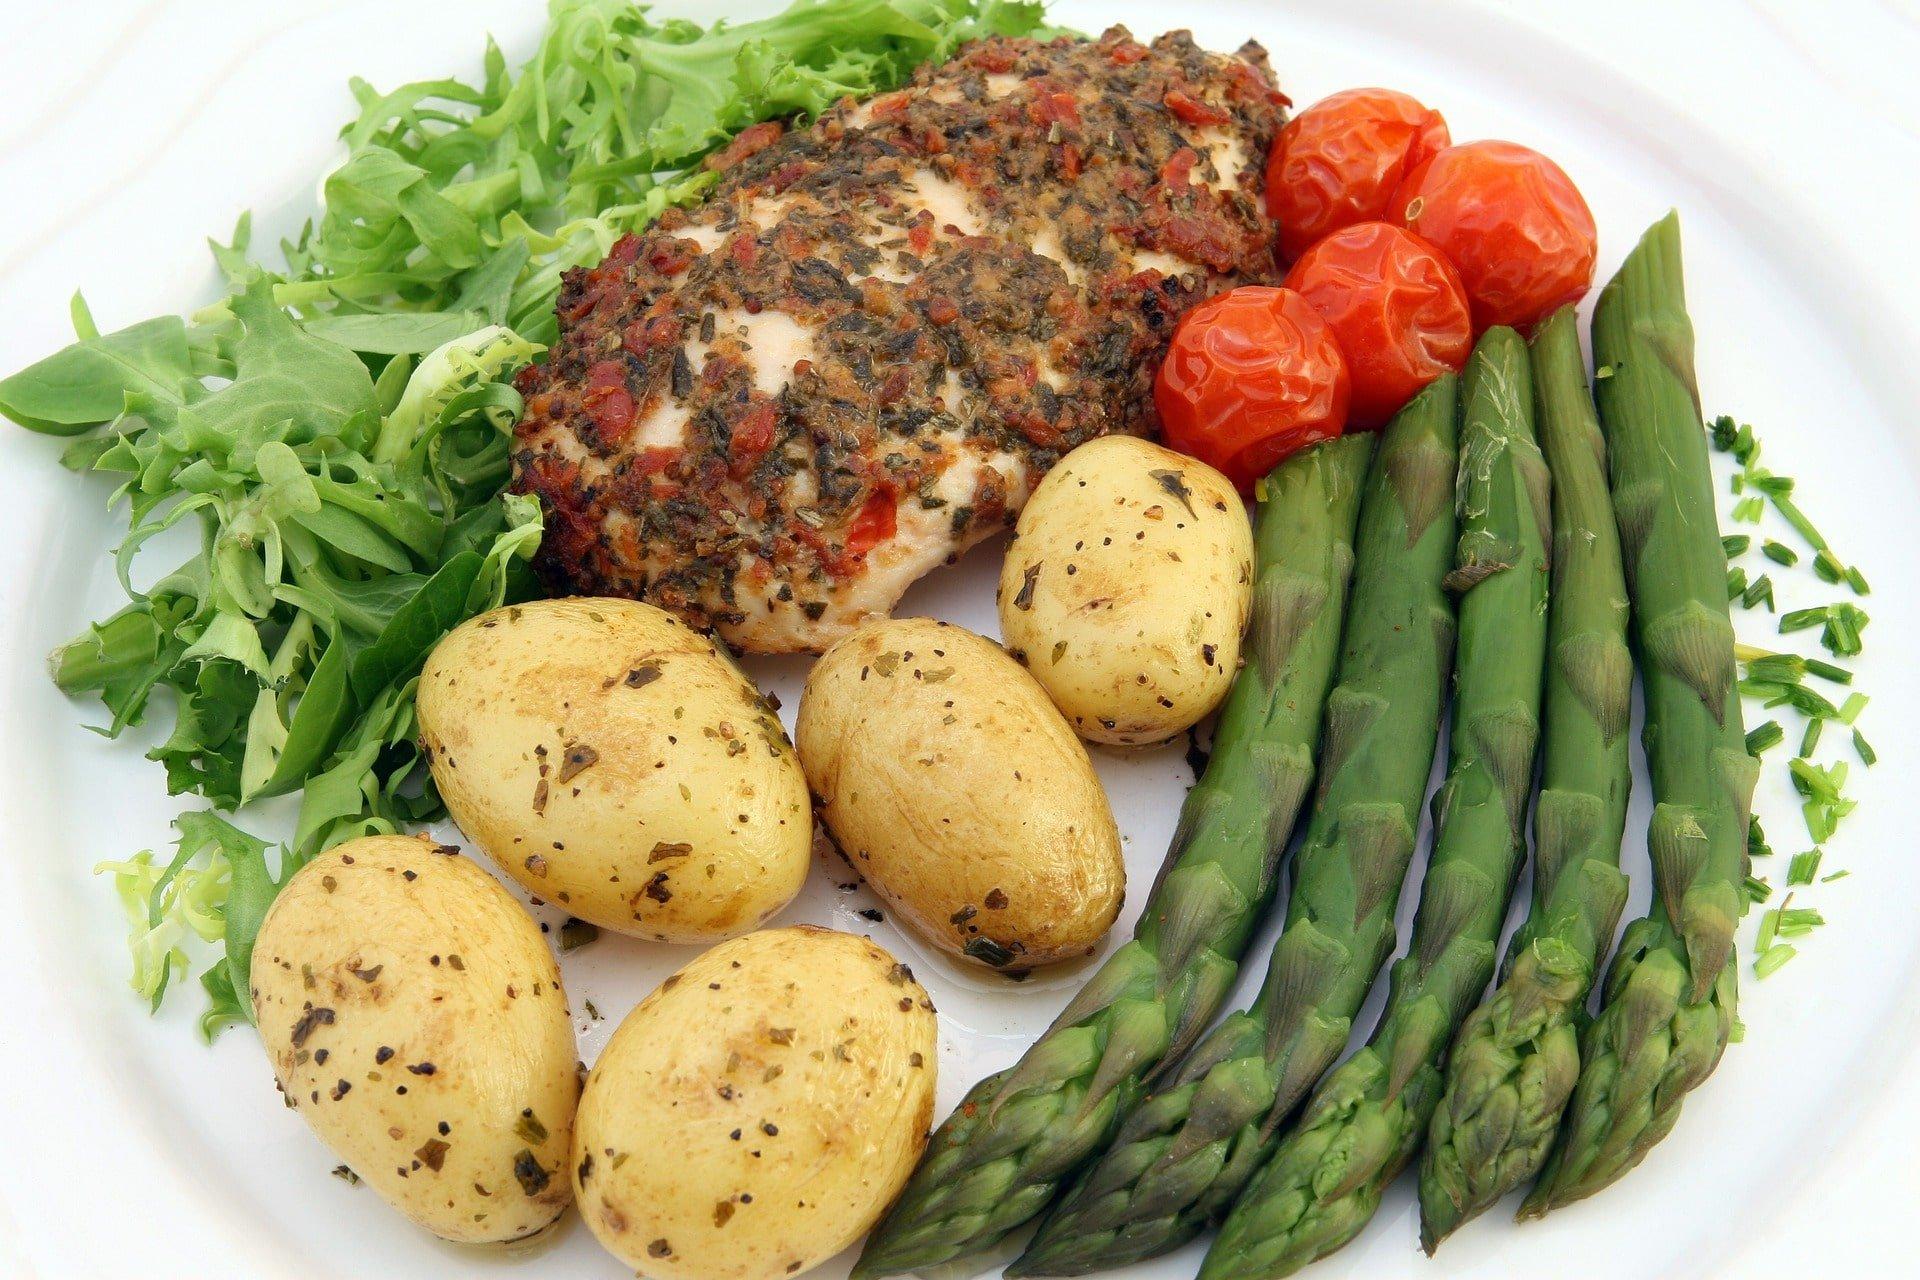 Repas équilibré pour la santé